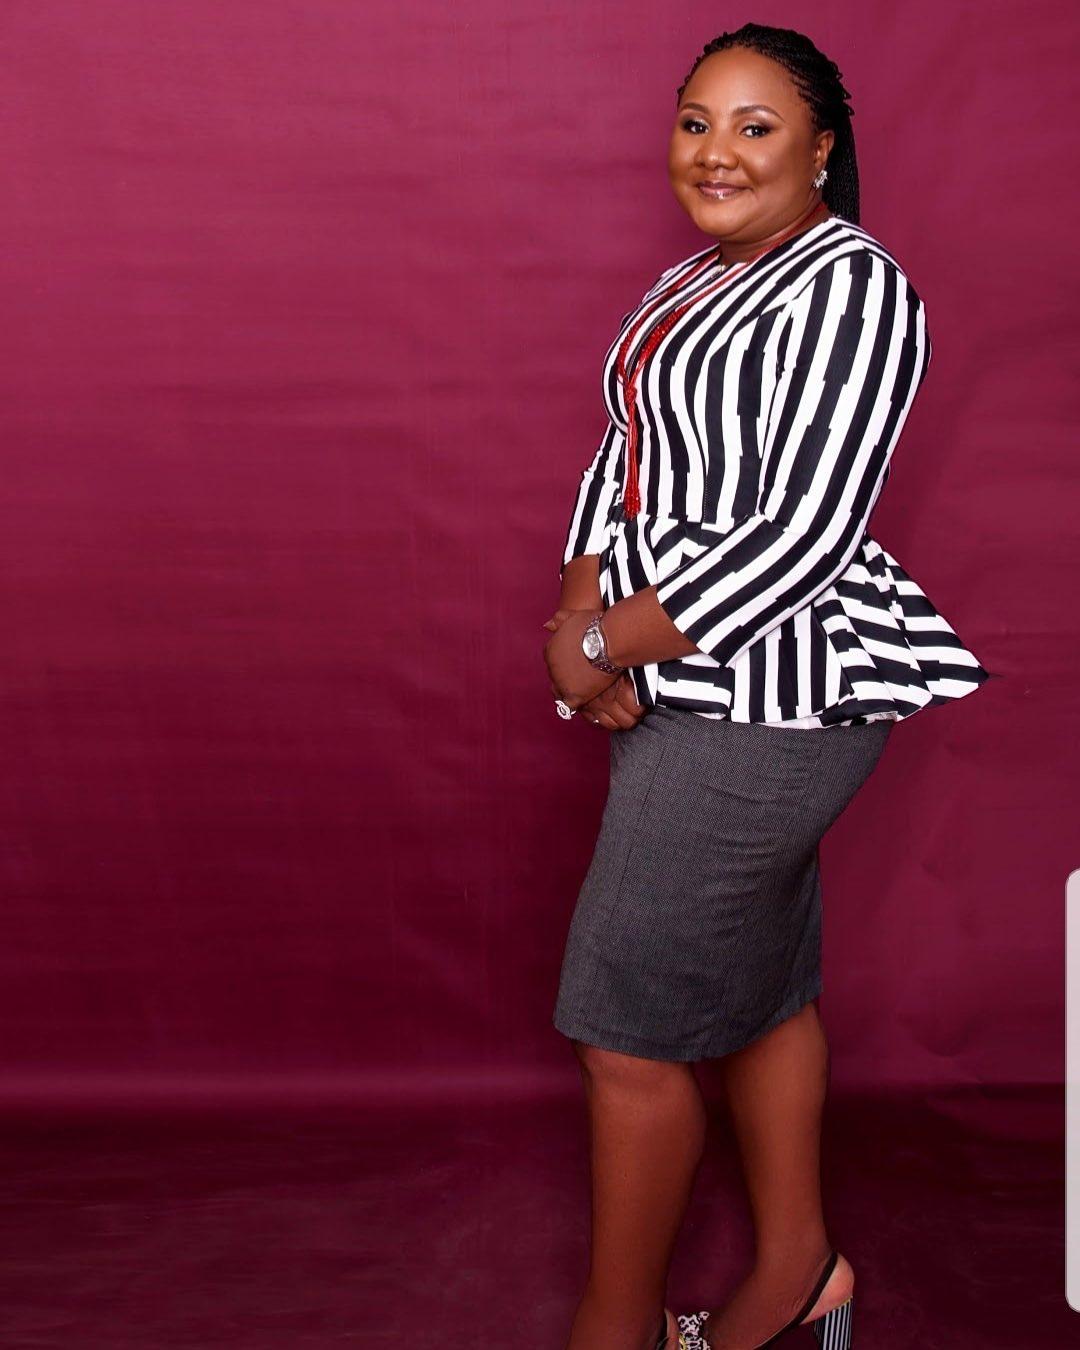 Debola Williams's former partner, Emilia Asim-Ita is dead